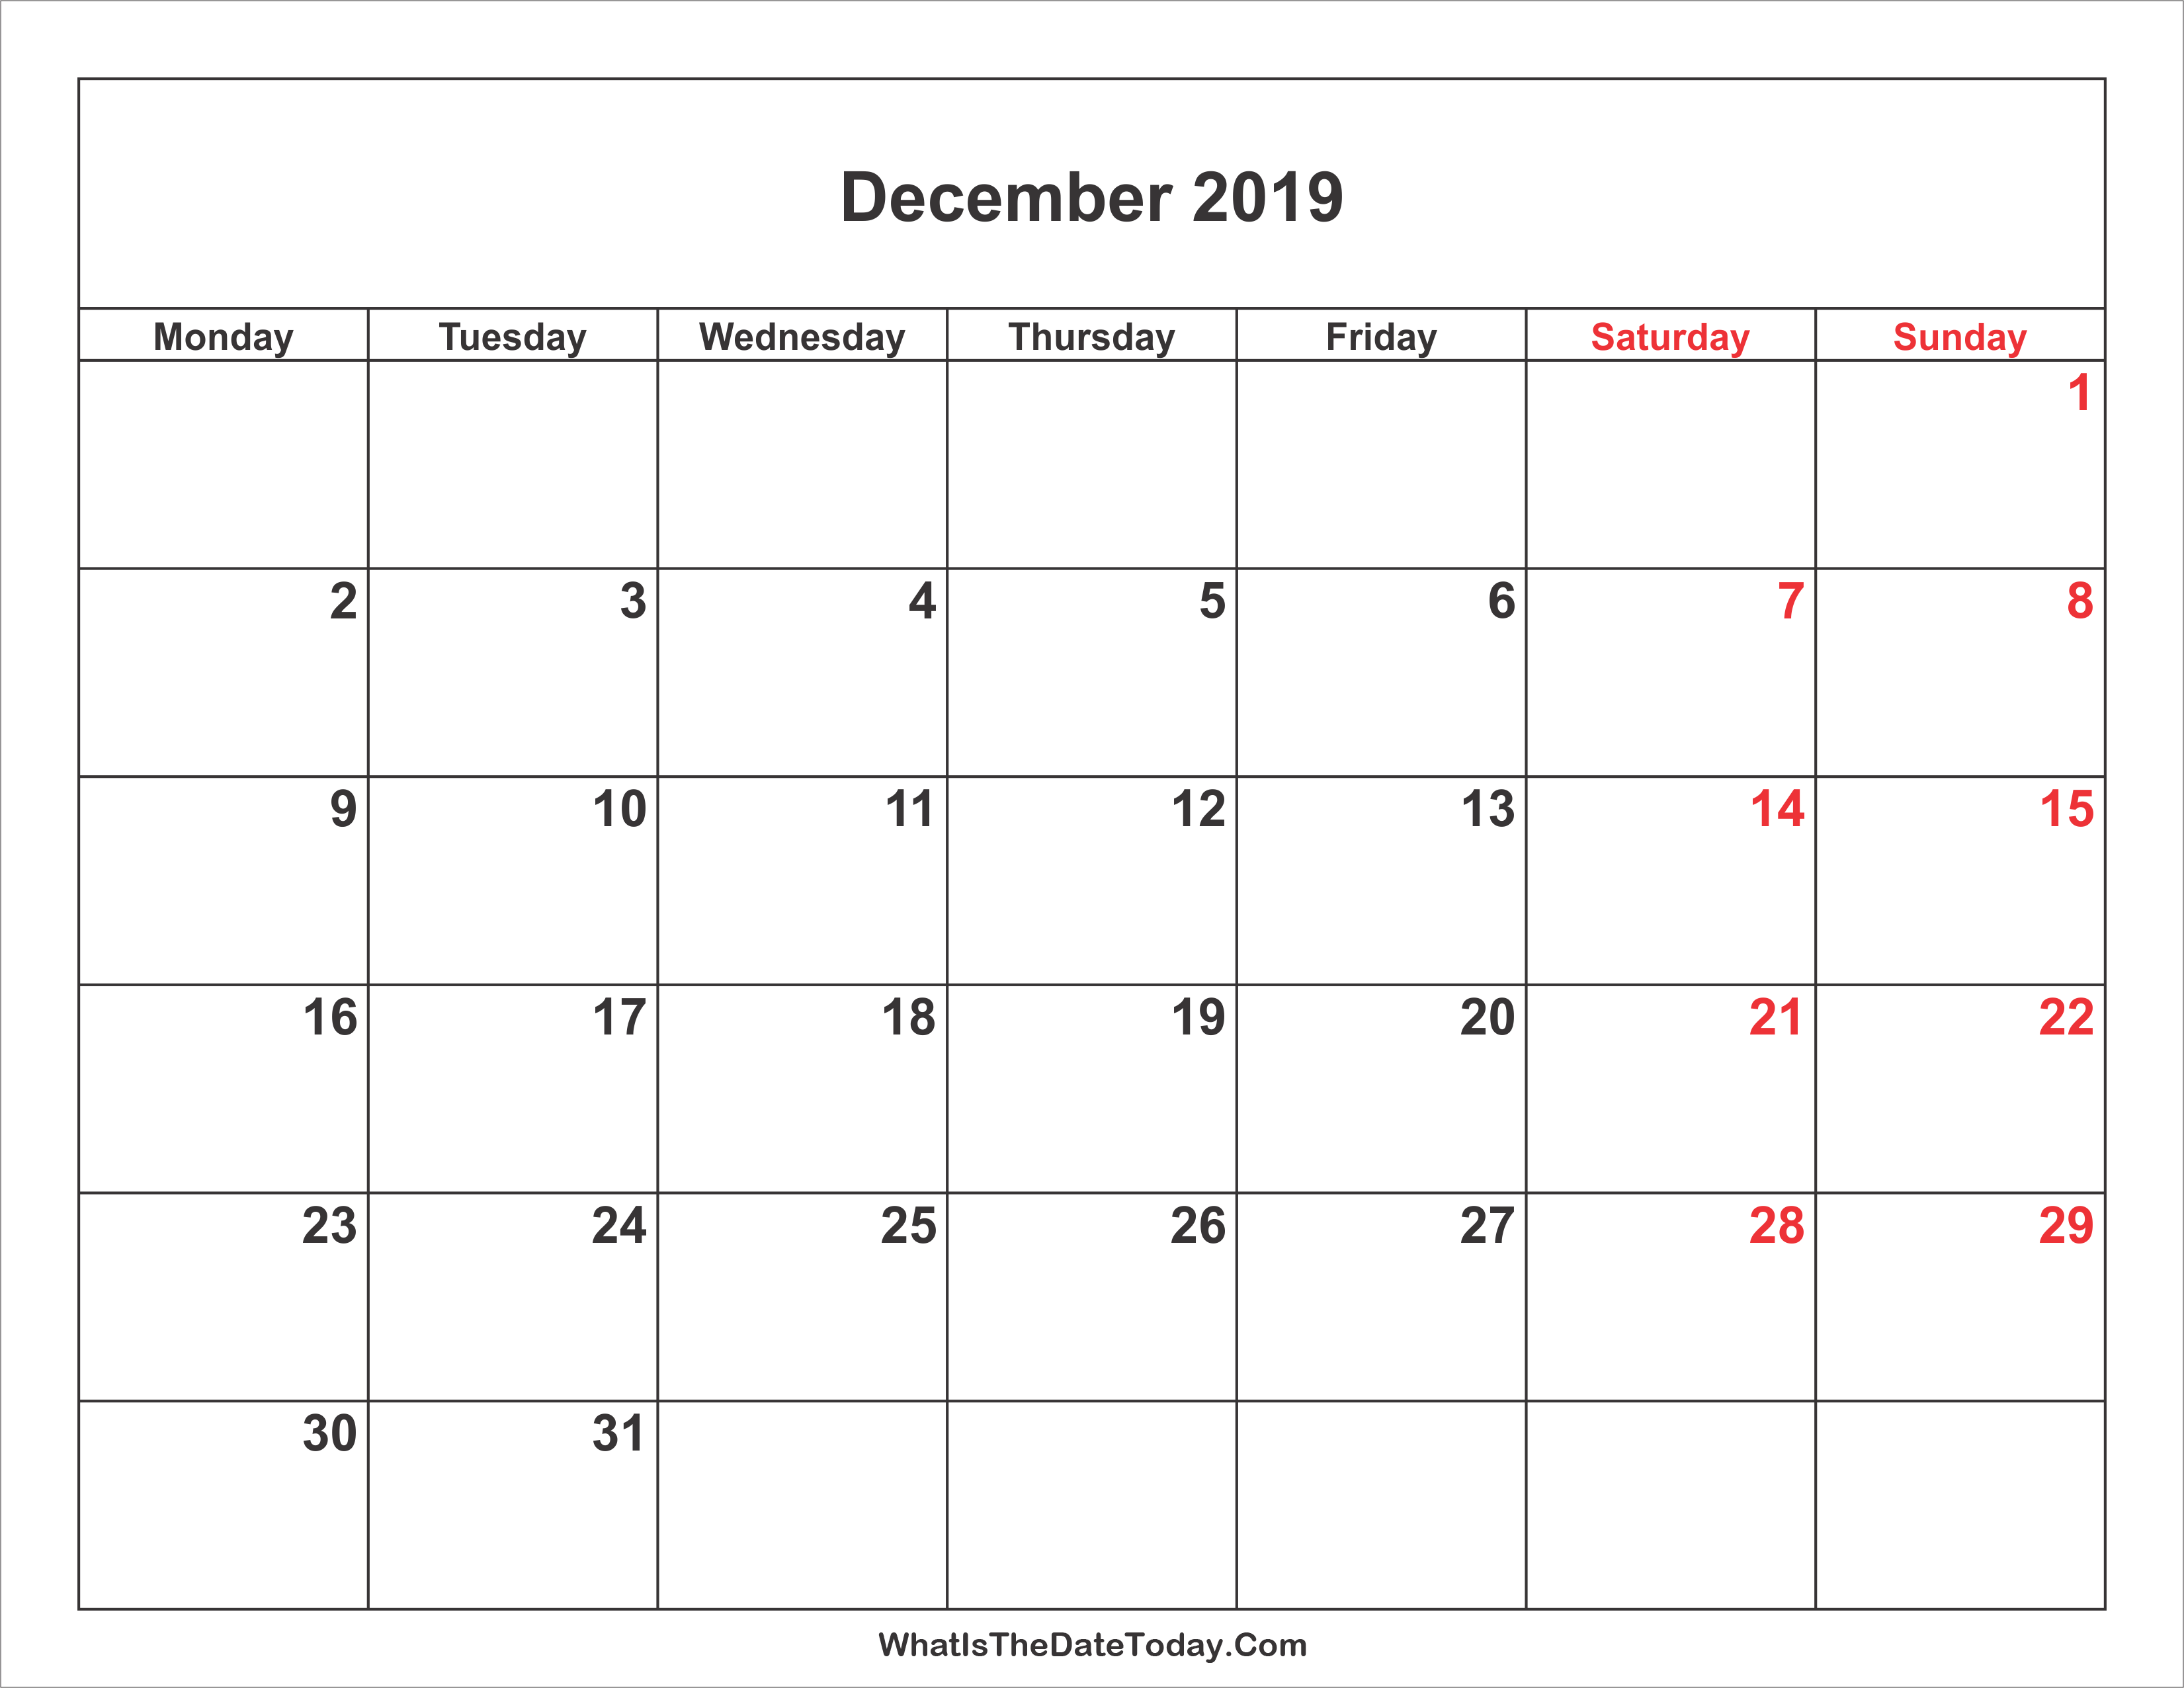 December Hebrew Calendar 2019 December 2019 Calendar with Weekend Highlight | Whatisthedatetoday.Com